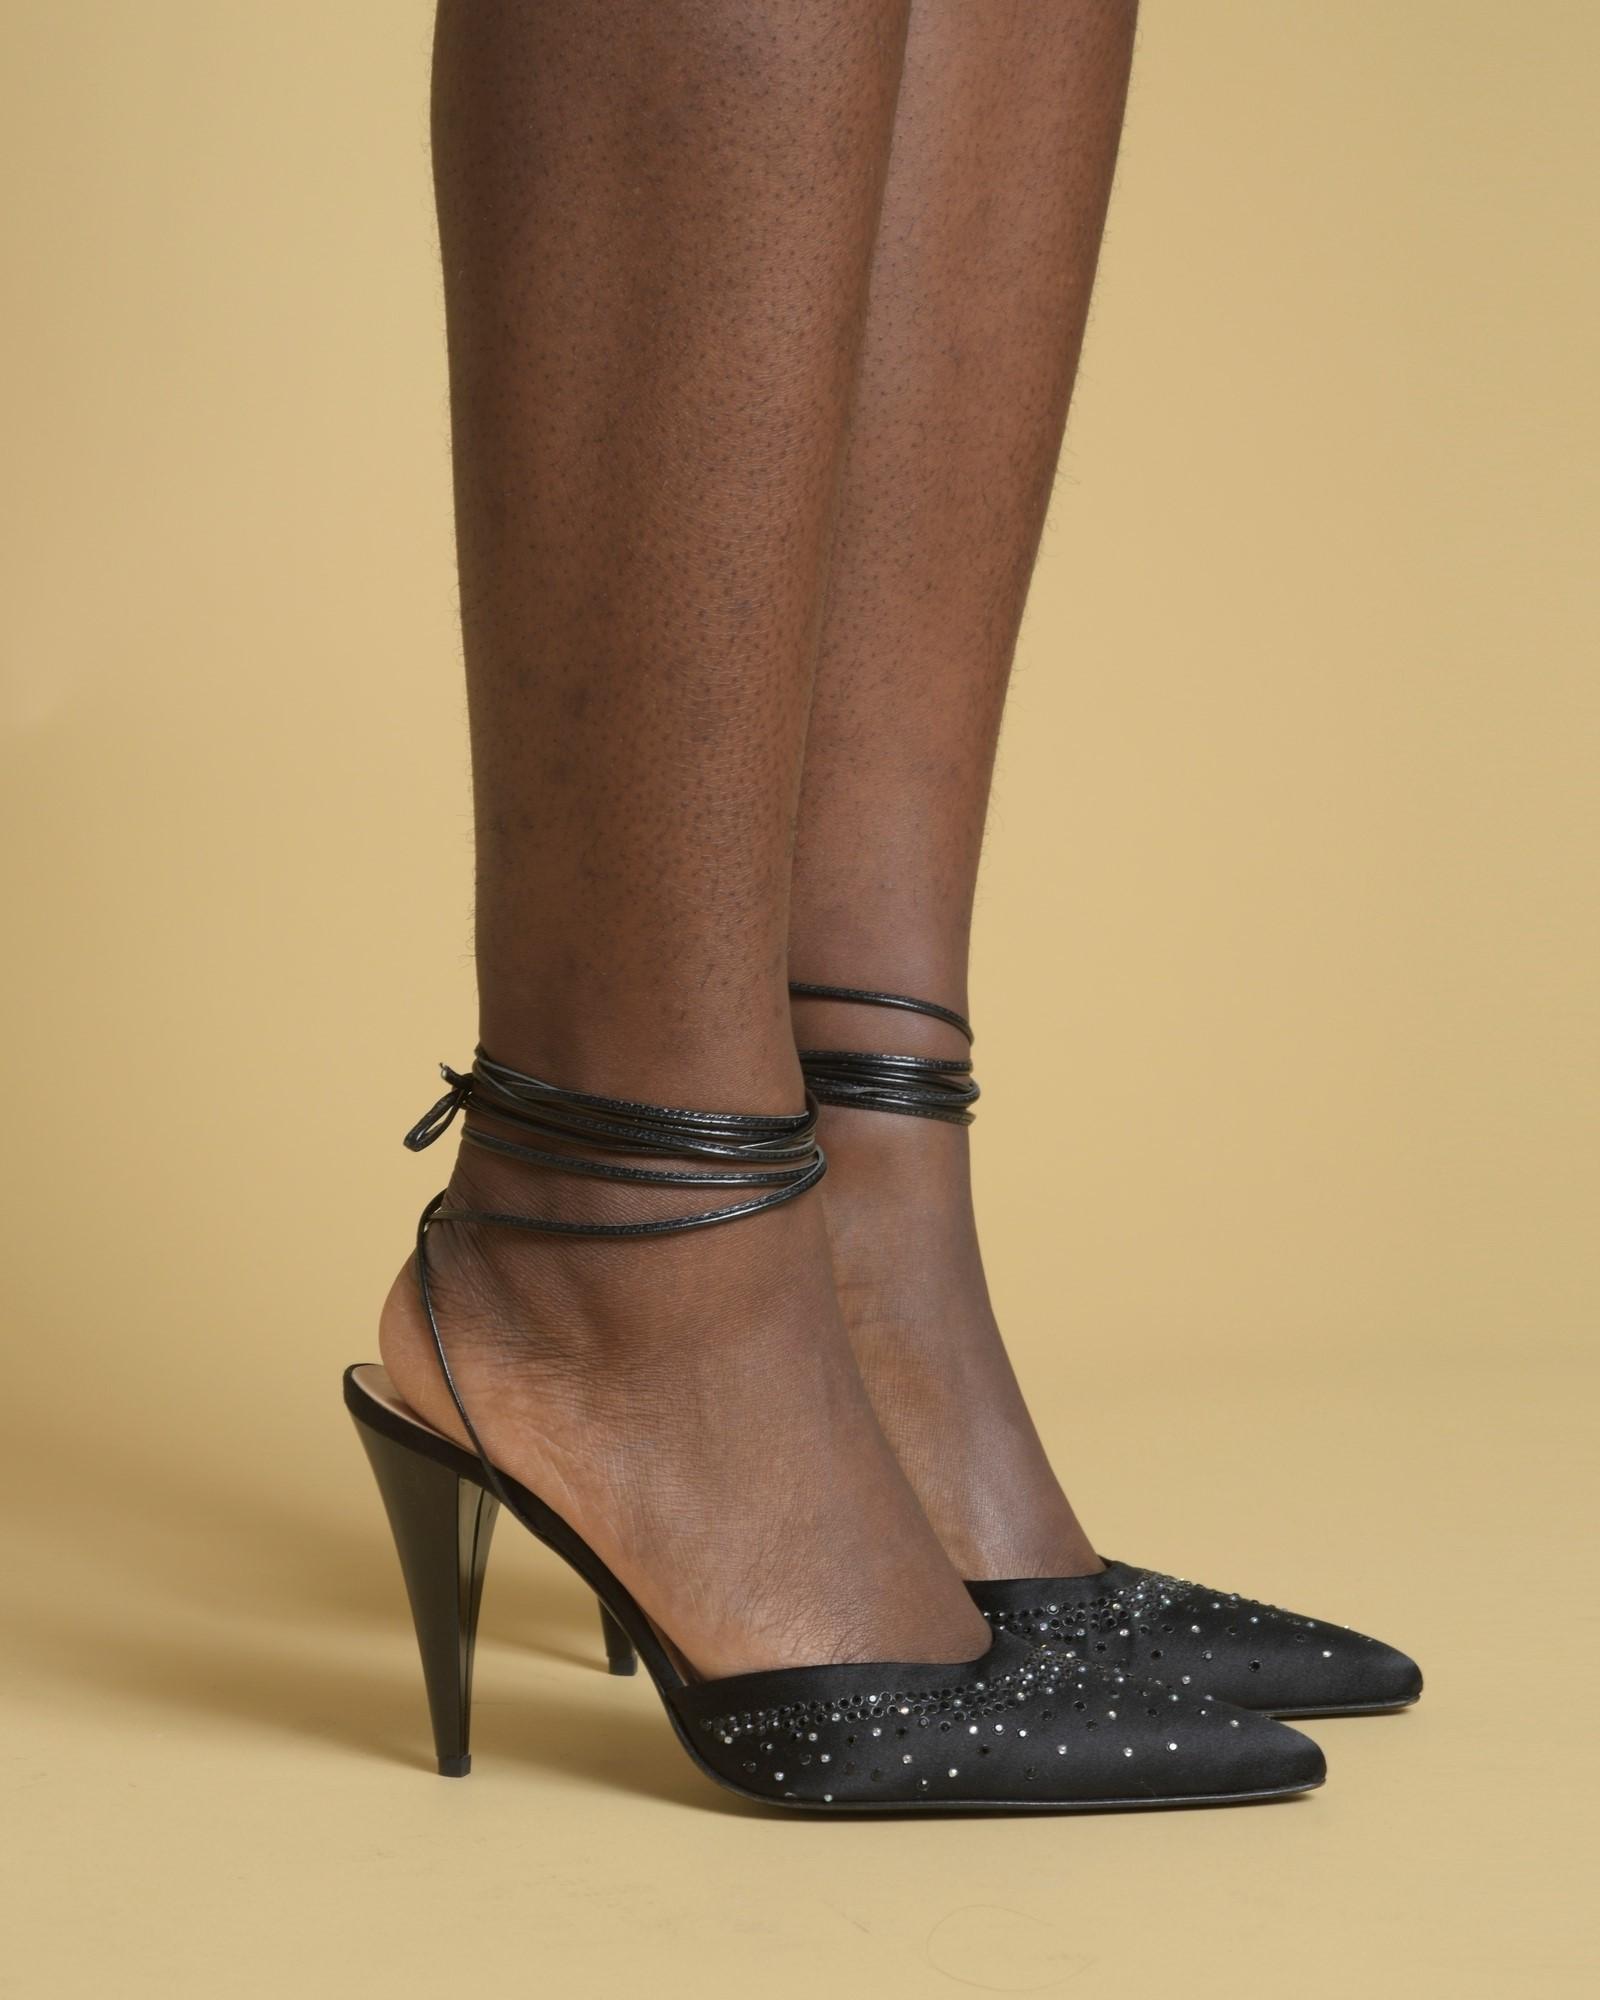 Escarpins noirs avec strass...